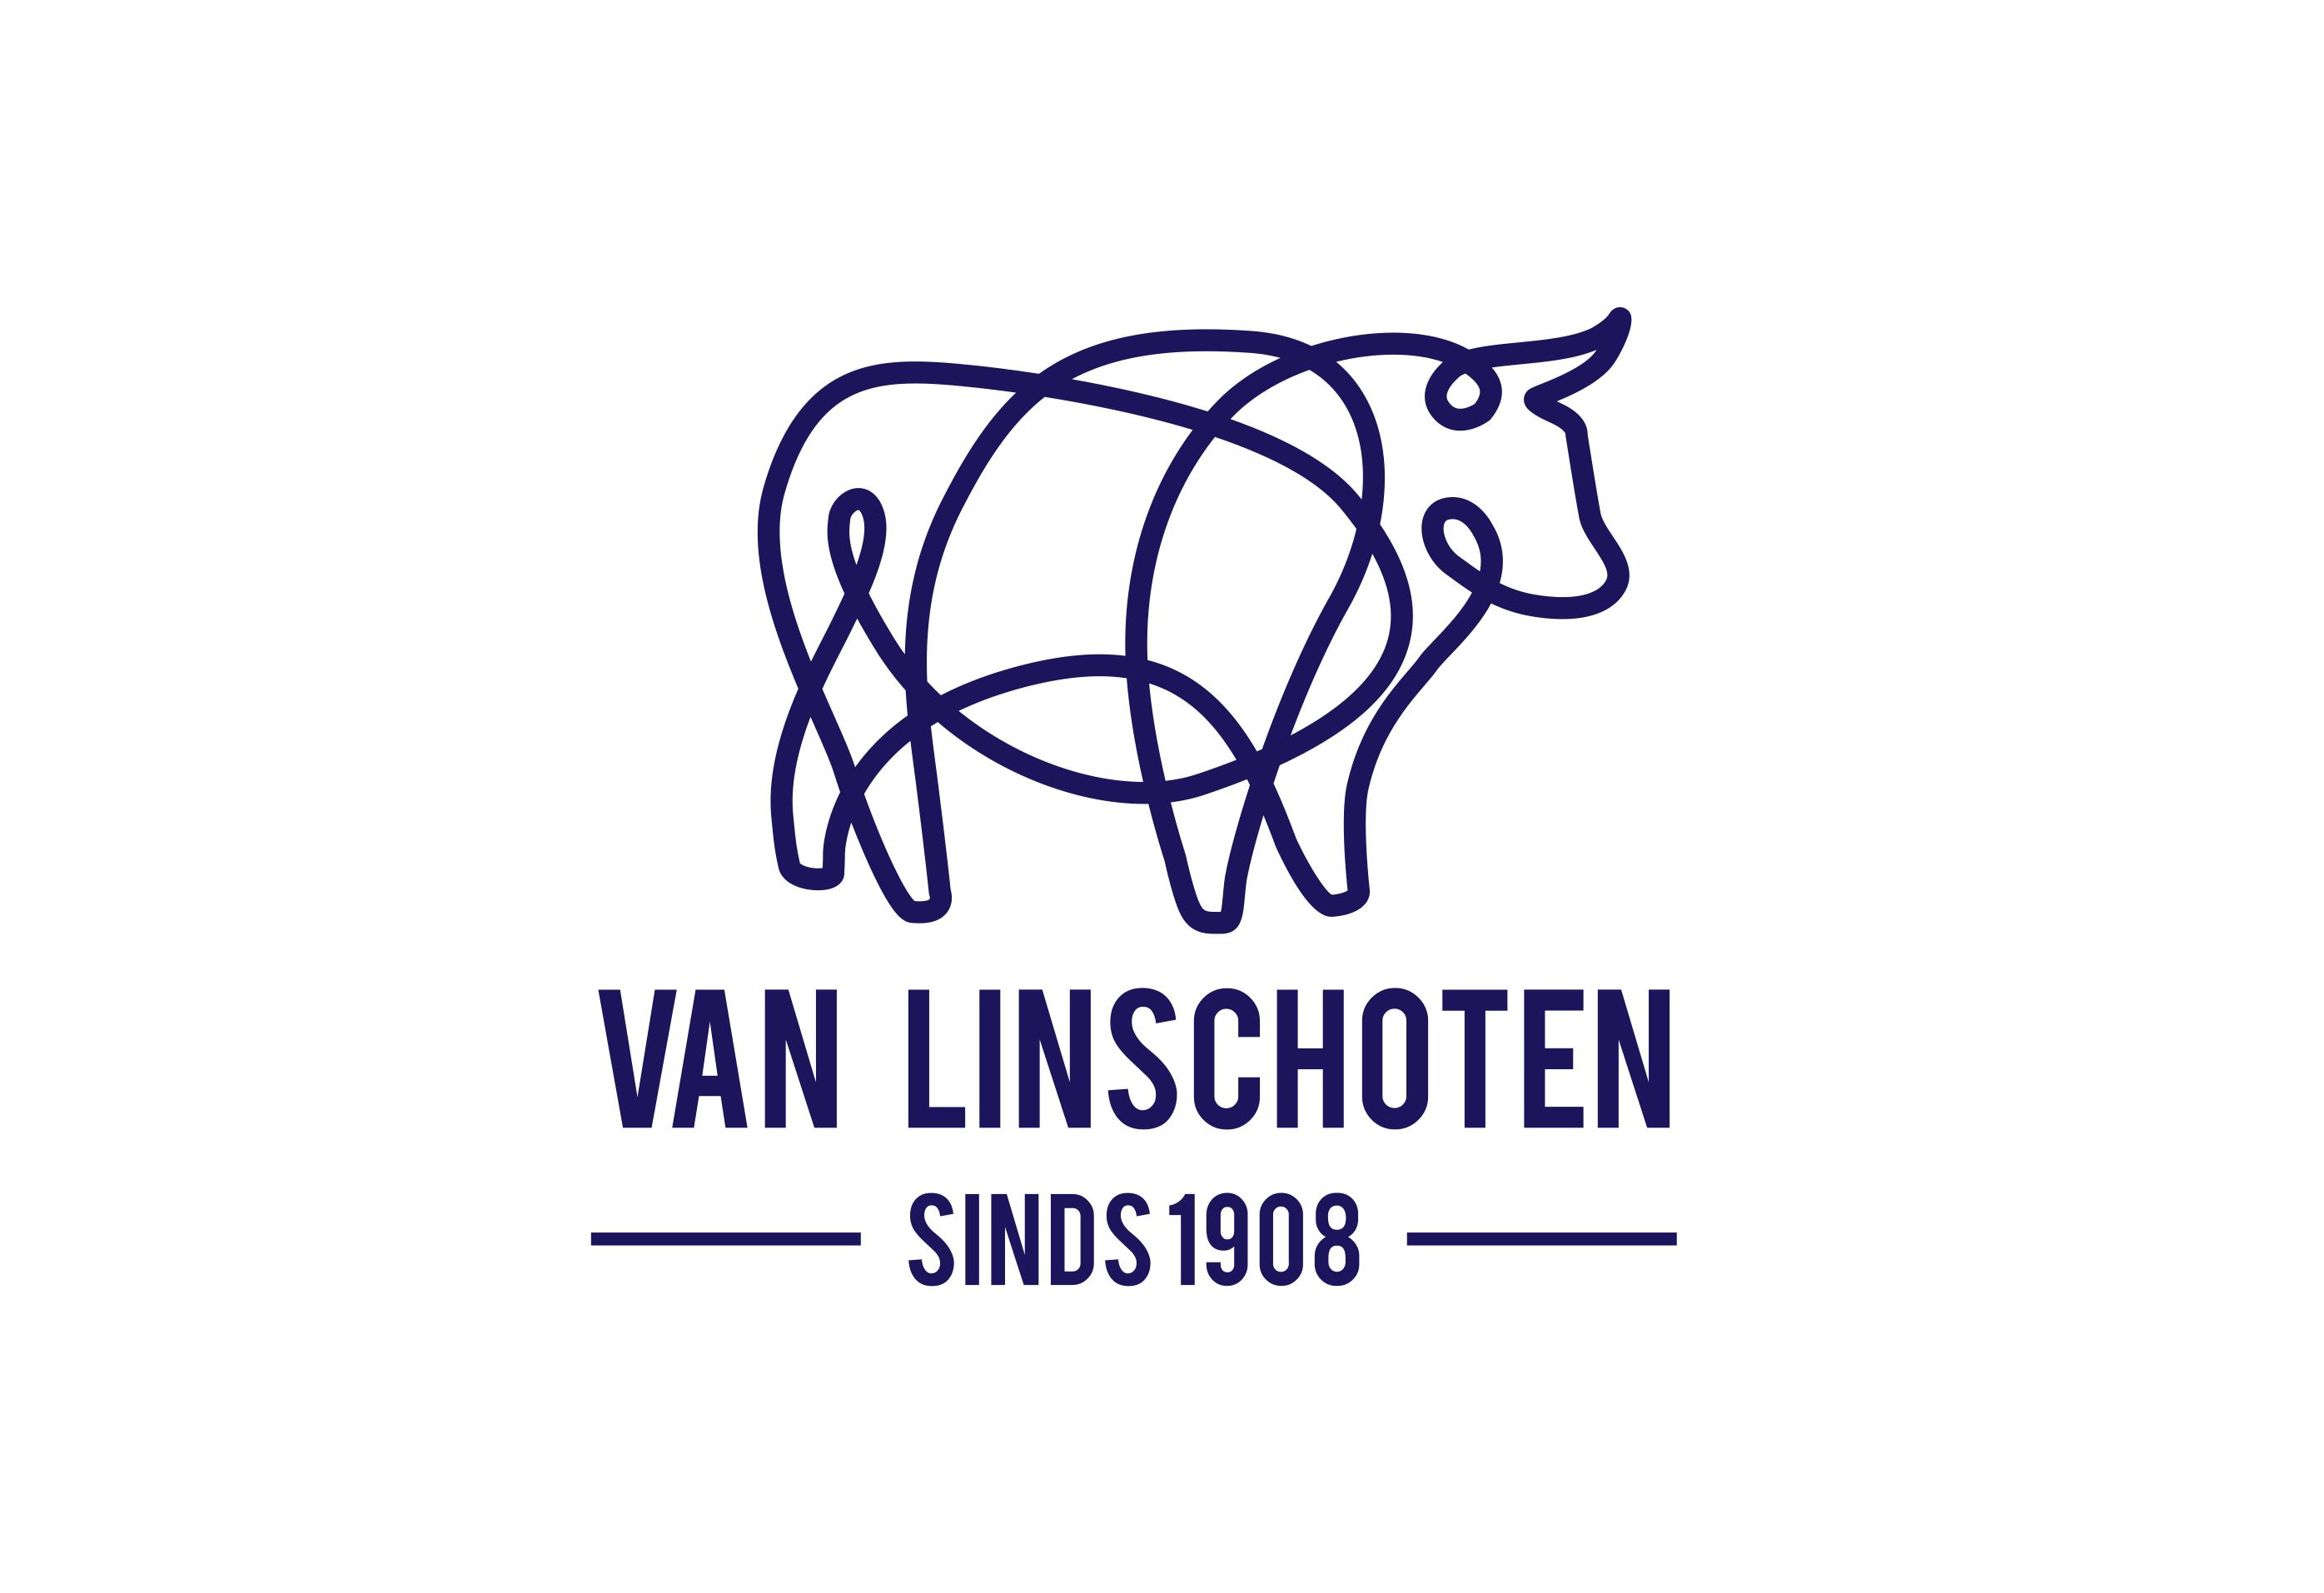 https://www.alpentocht.nl/files/logos/Logo-HPvanlinschoten.jpg